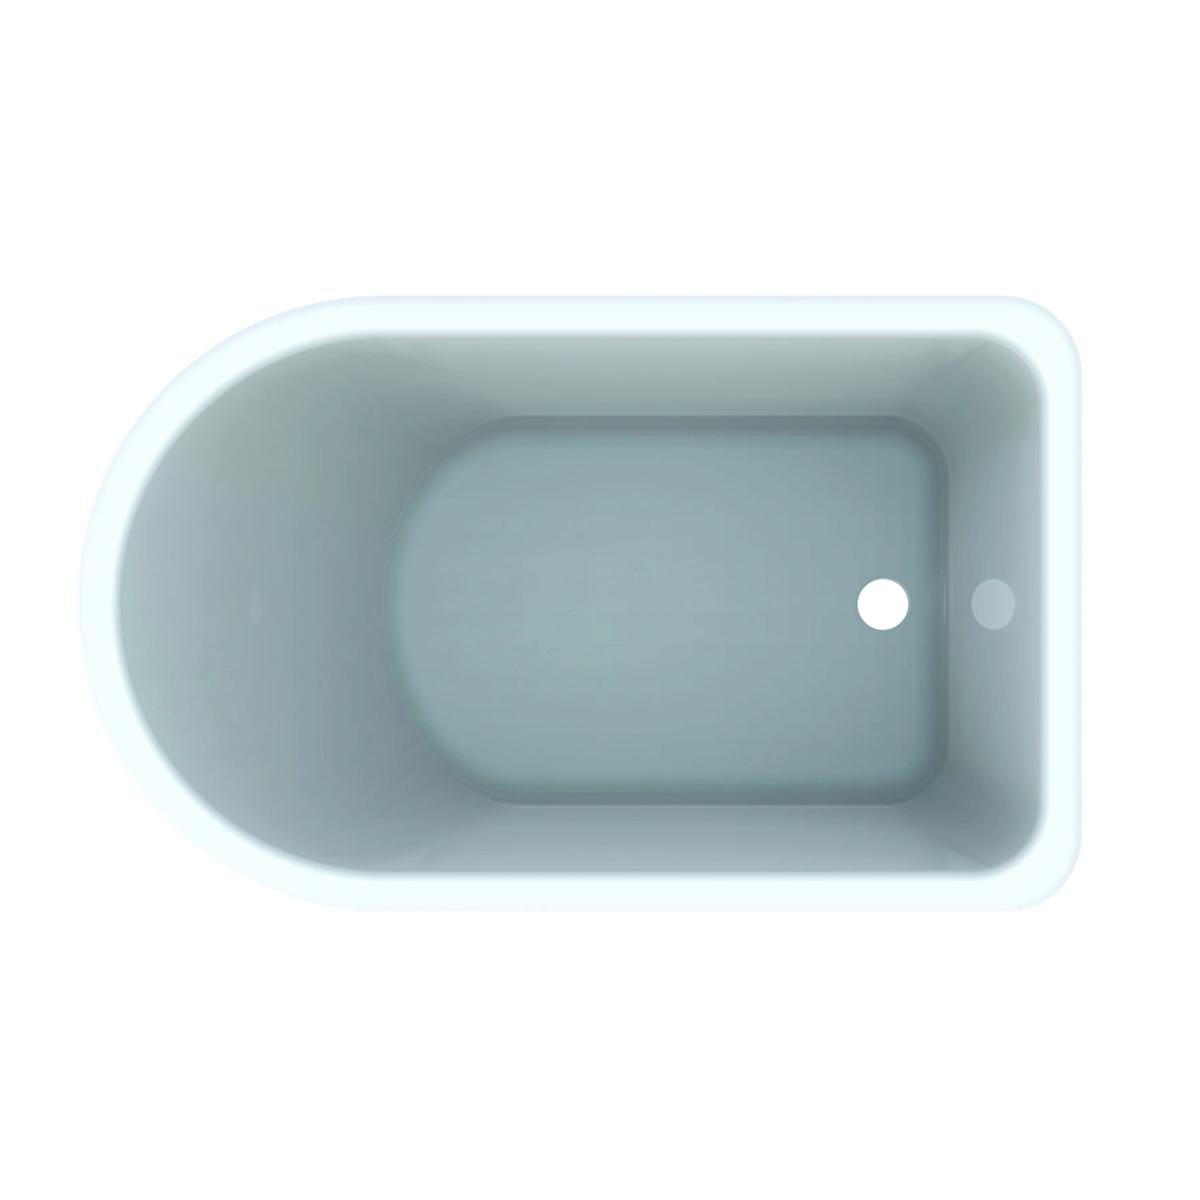 Productafbeelding van Geberit 300 Kids asymmetrisch bad, wit